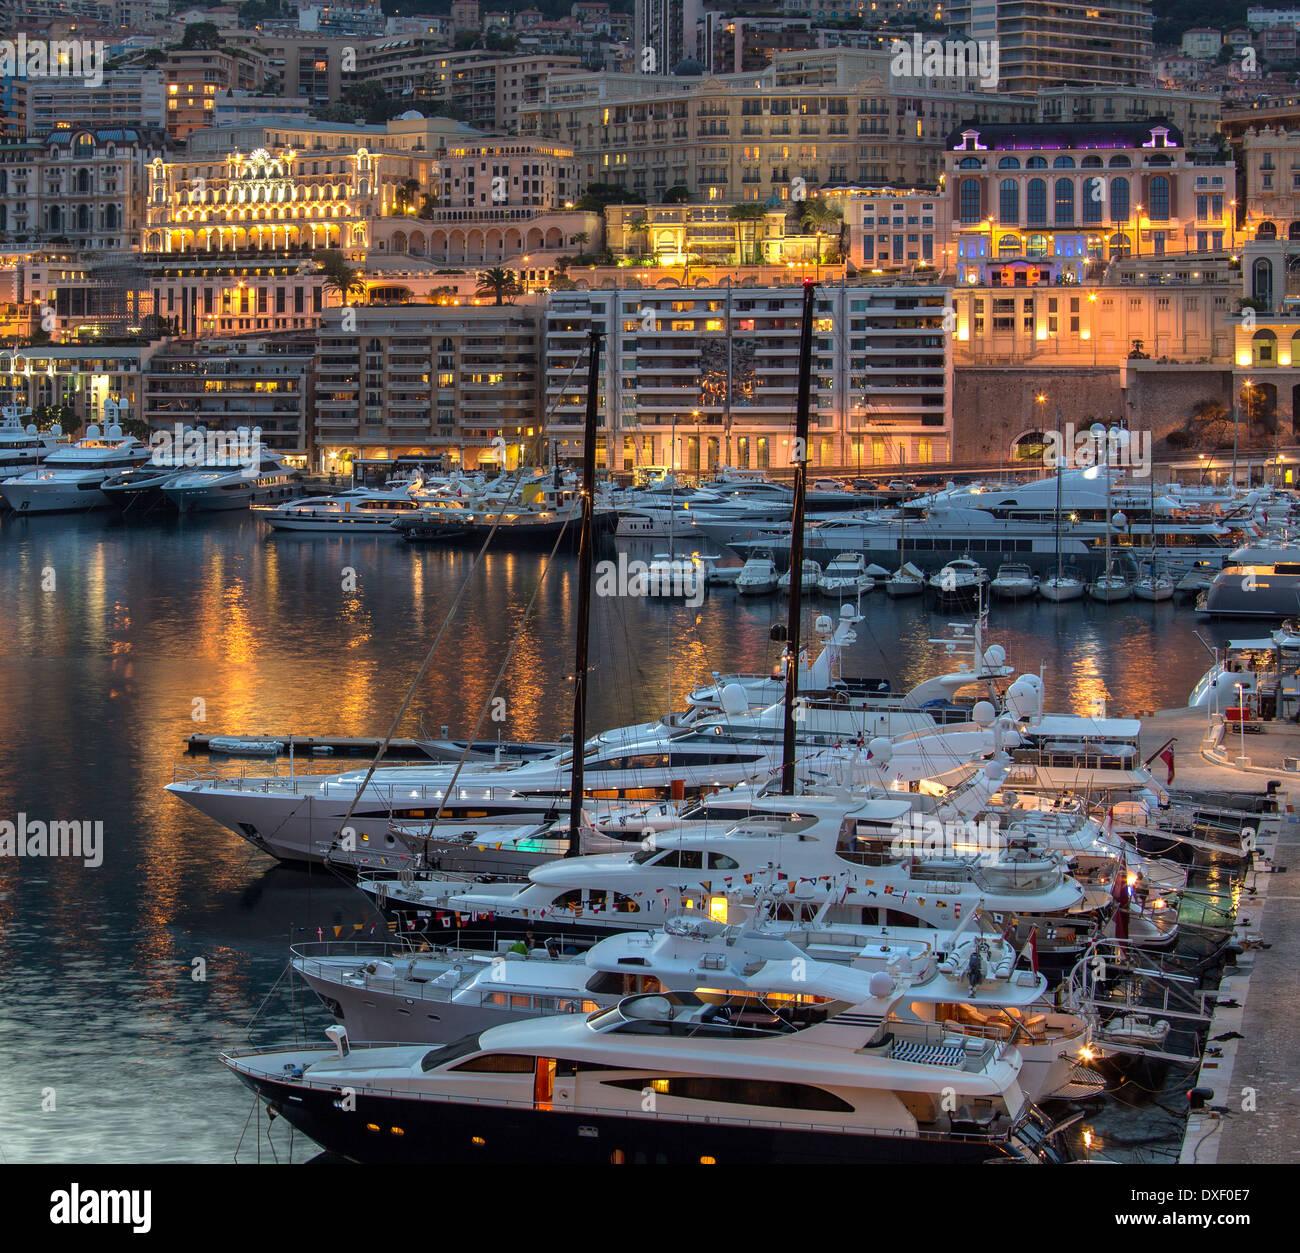 Il Principato di Monaco, un sovrano dello stato della città, situato sulla Riviera francese Immagini Stock